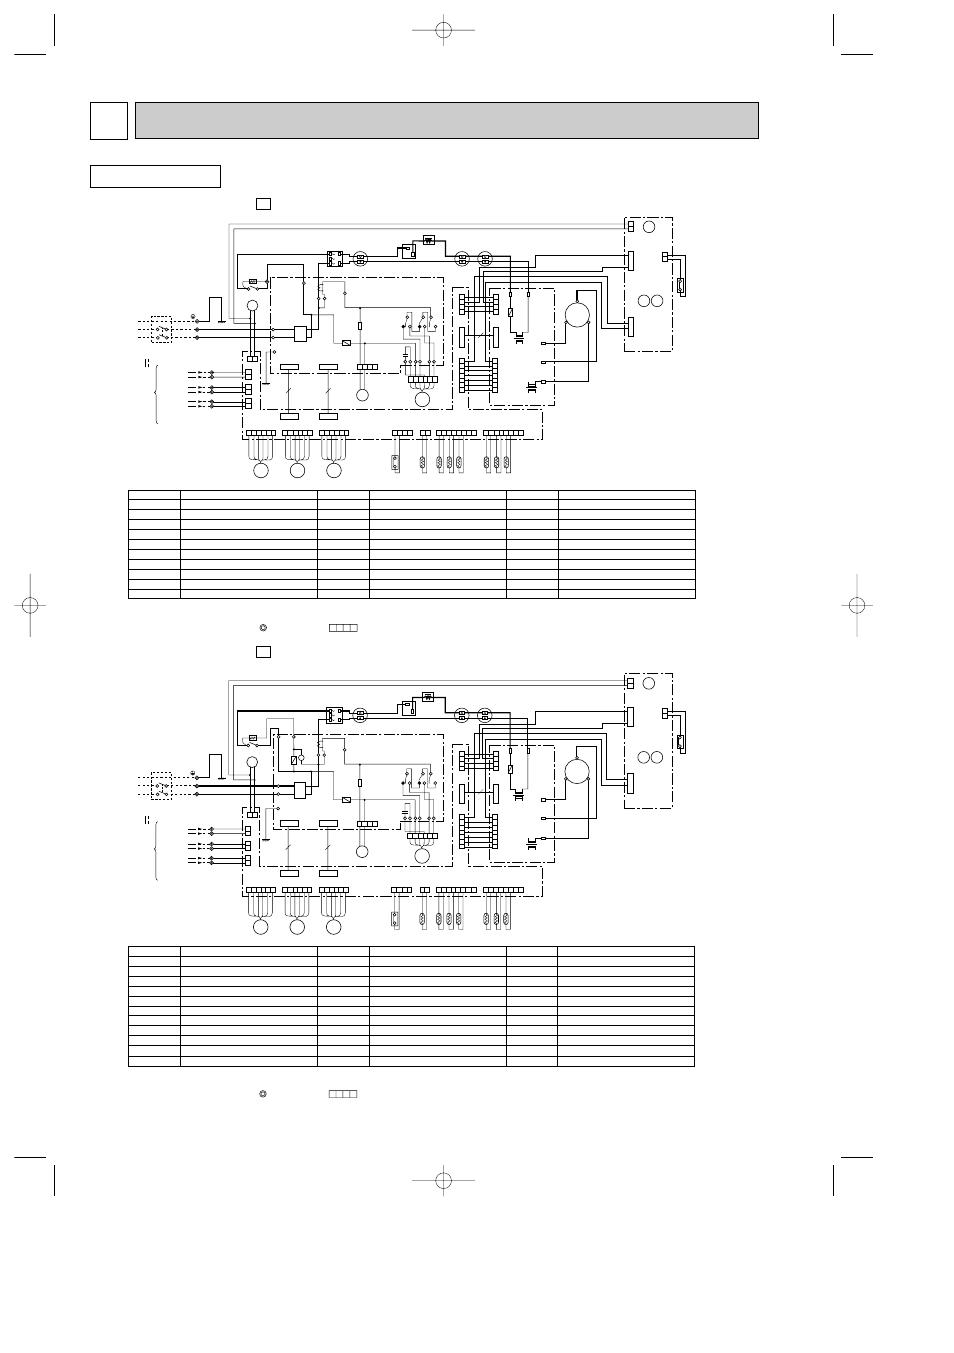 medium resolution of wiring diagram 8 models mxz 24uv outdoor unit mitsubishi electric mxz